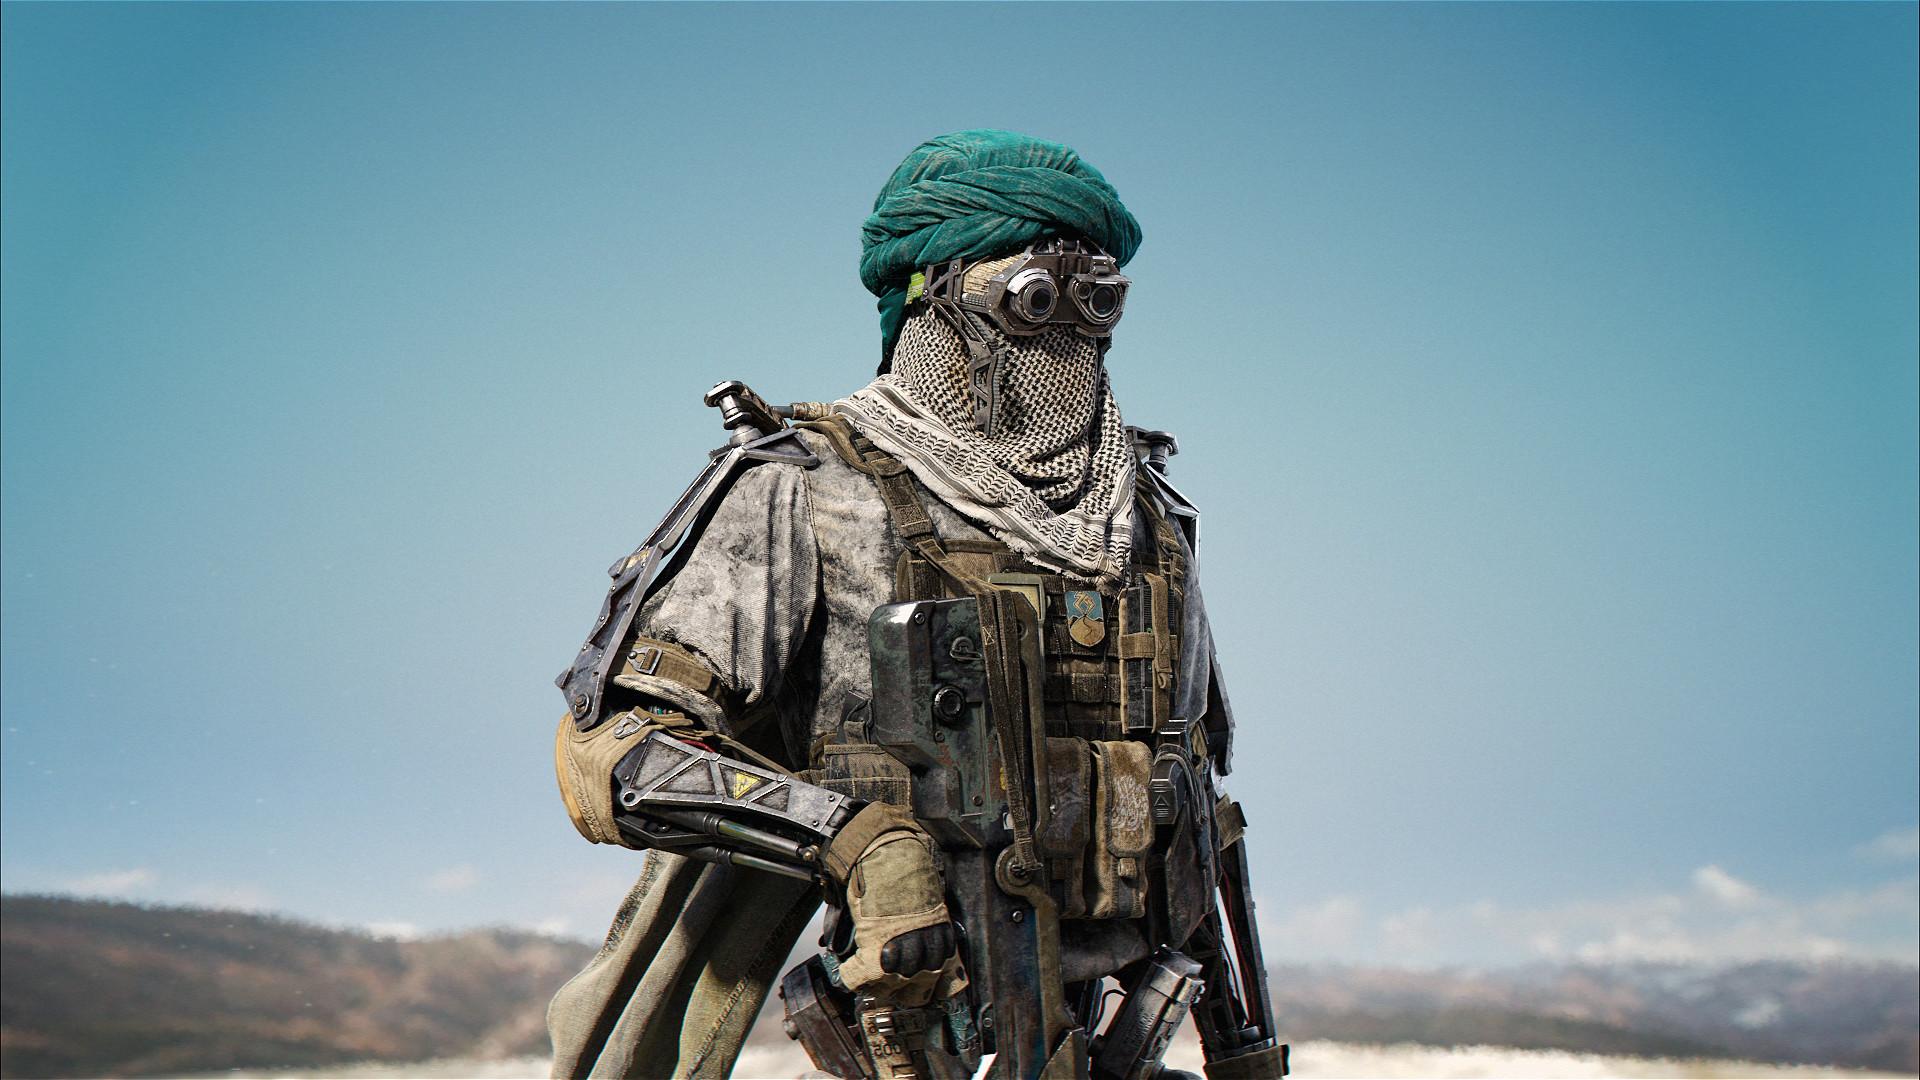 3d art _ Desert-Mech _ by Mahmoud salah Desert-Mech Desert-Mech